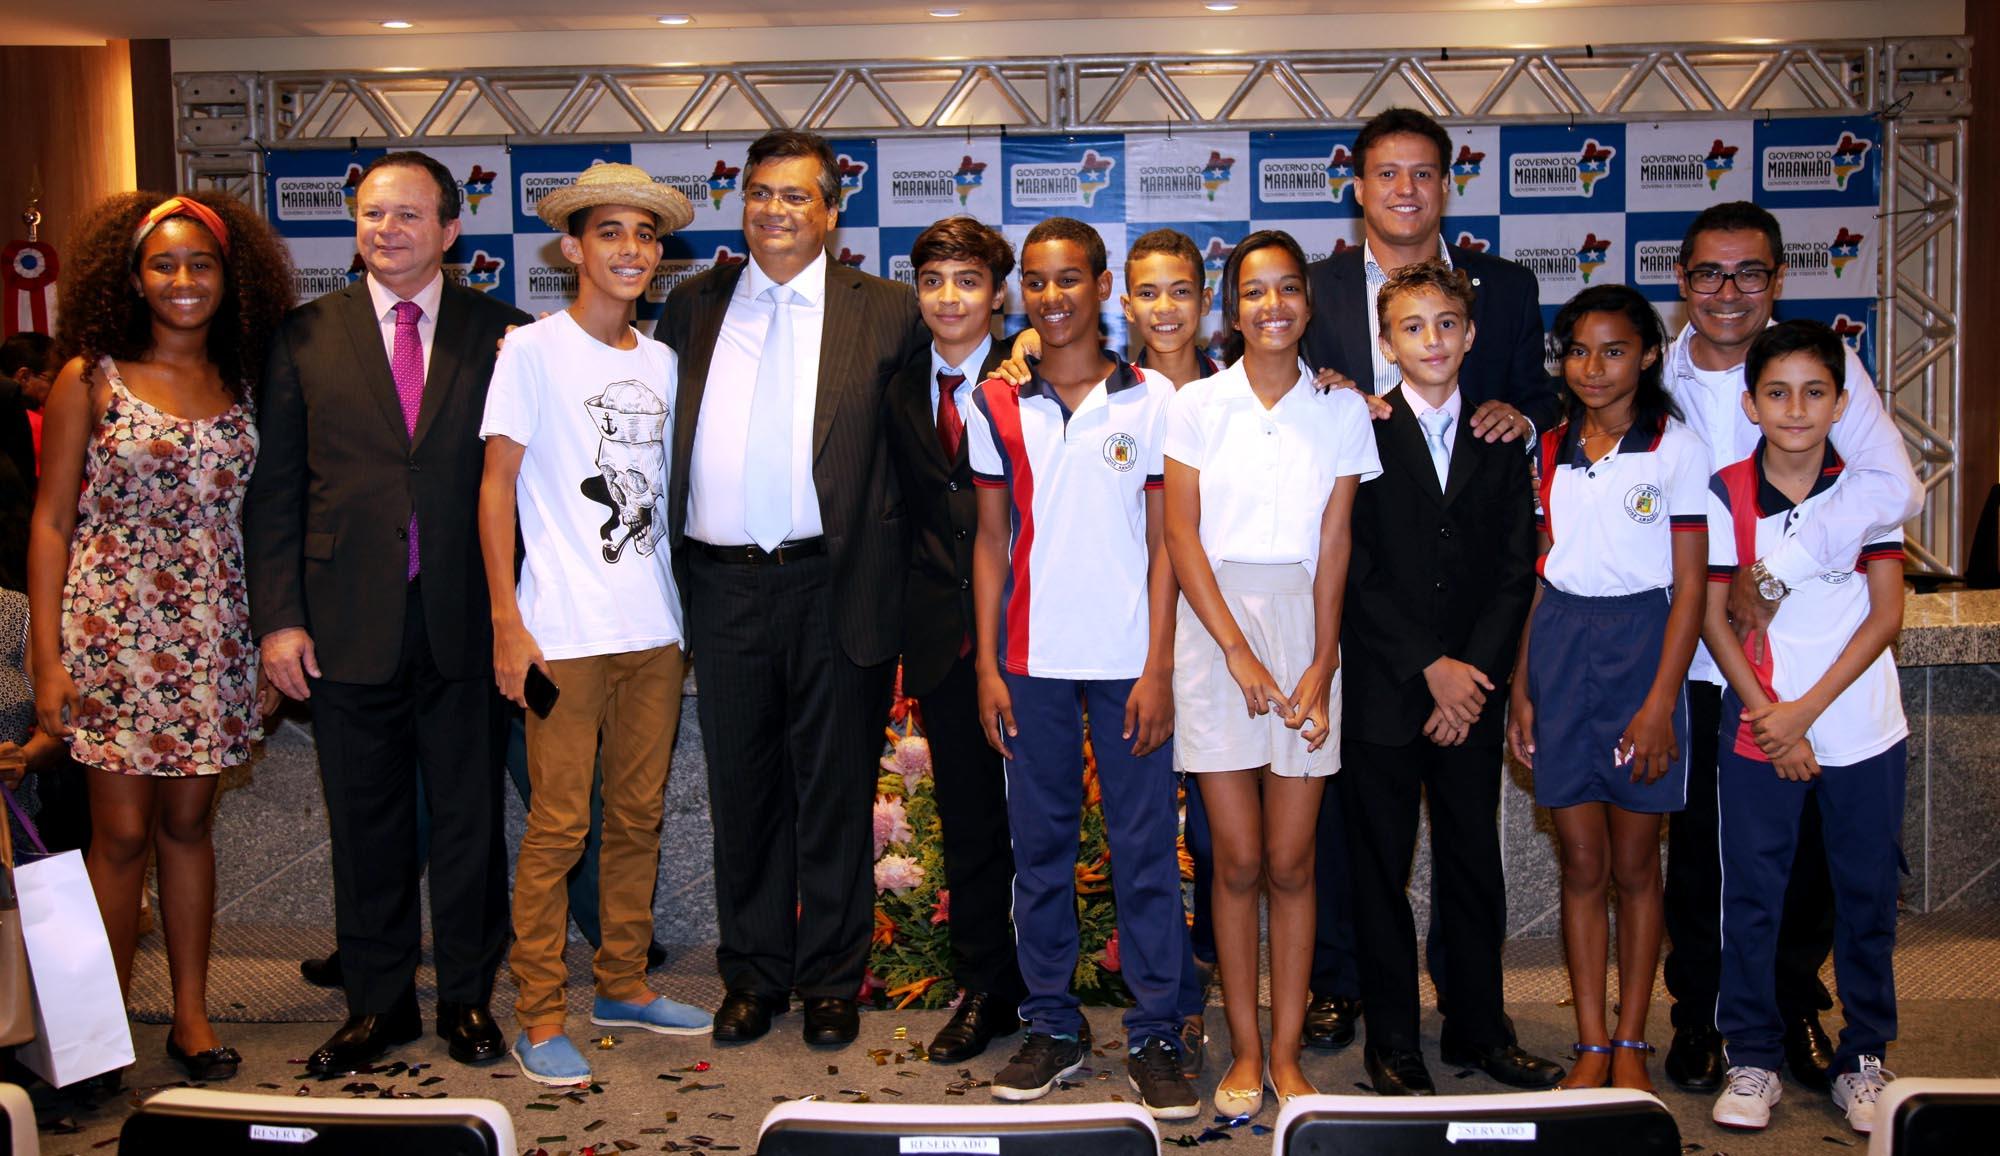 Foto Handson Chagas - governo premia escolas públicas (2)